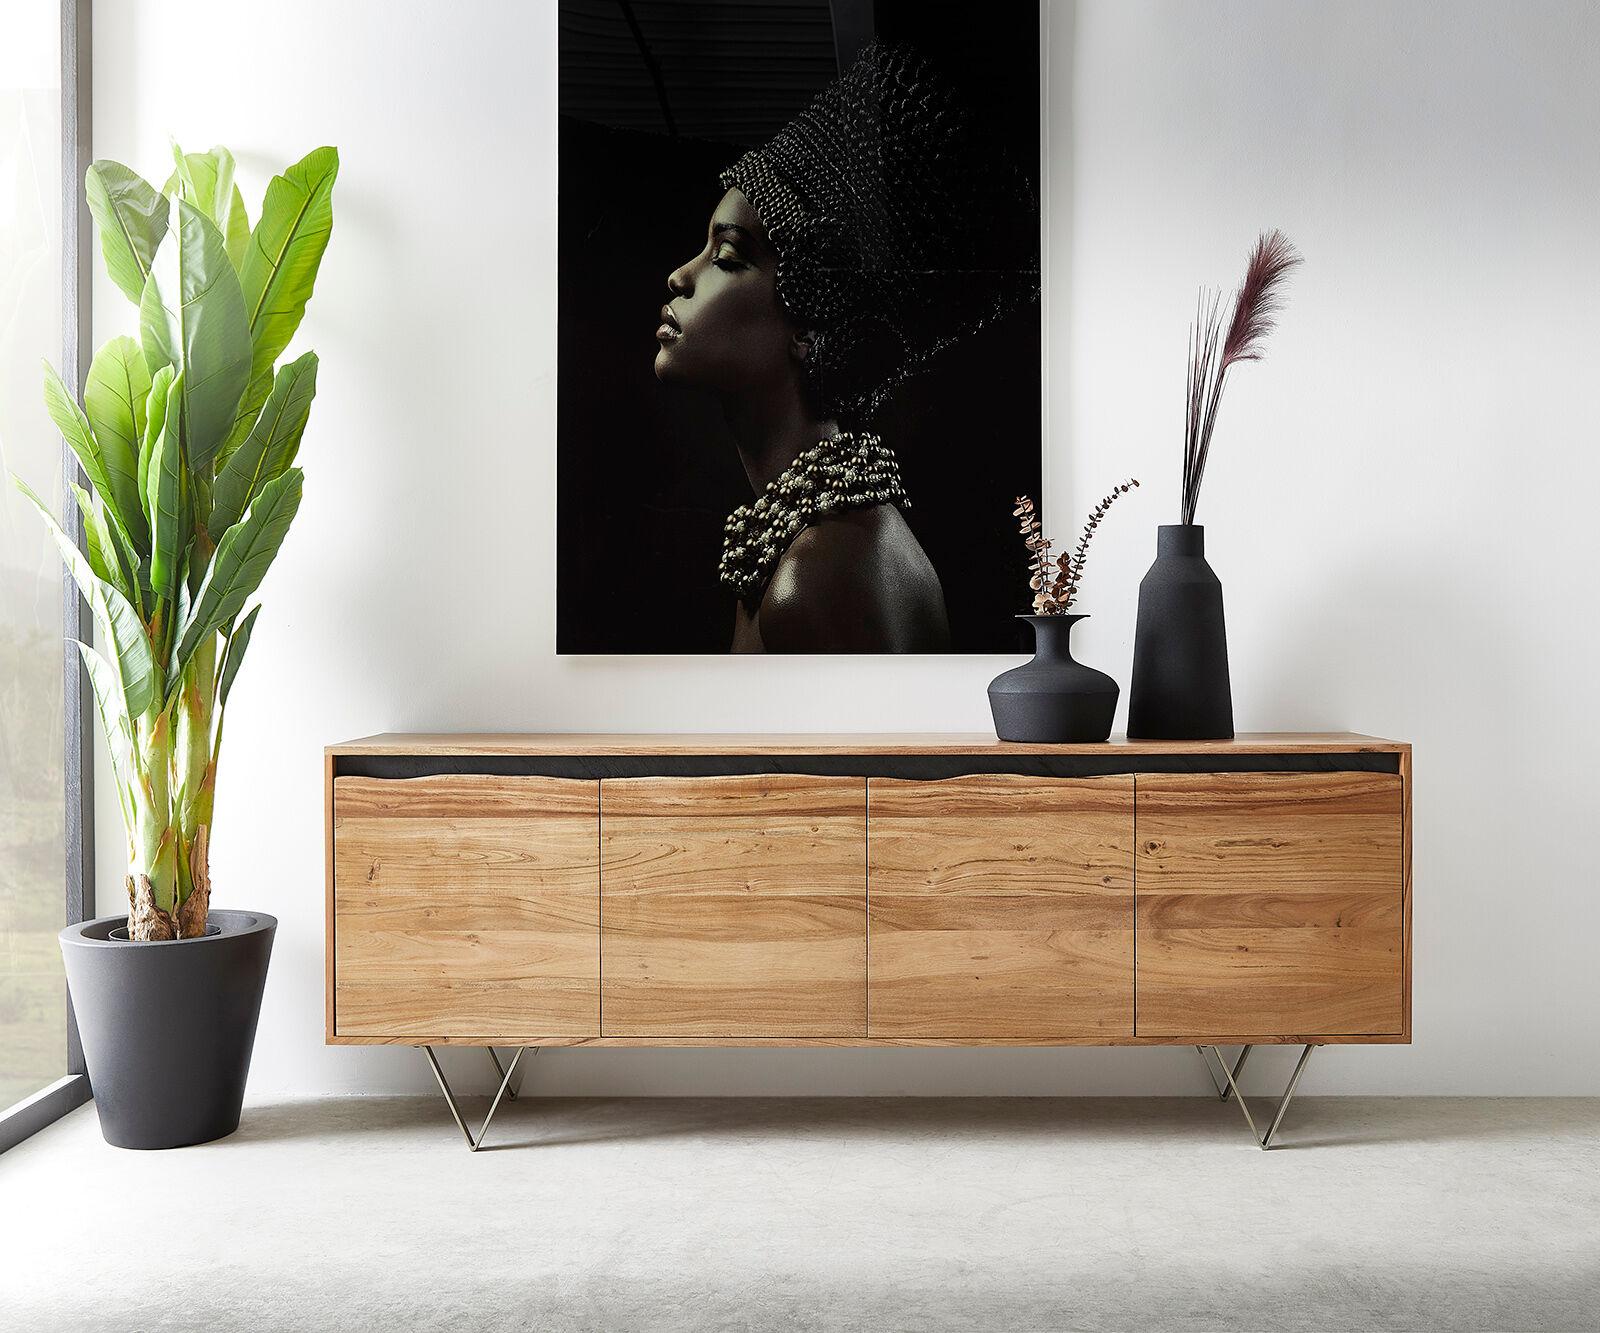 DELIFE Commode Stonegrace 200x45 cm acacia nature 4 portes tronc d'arbre